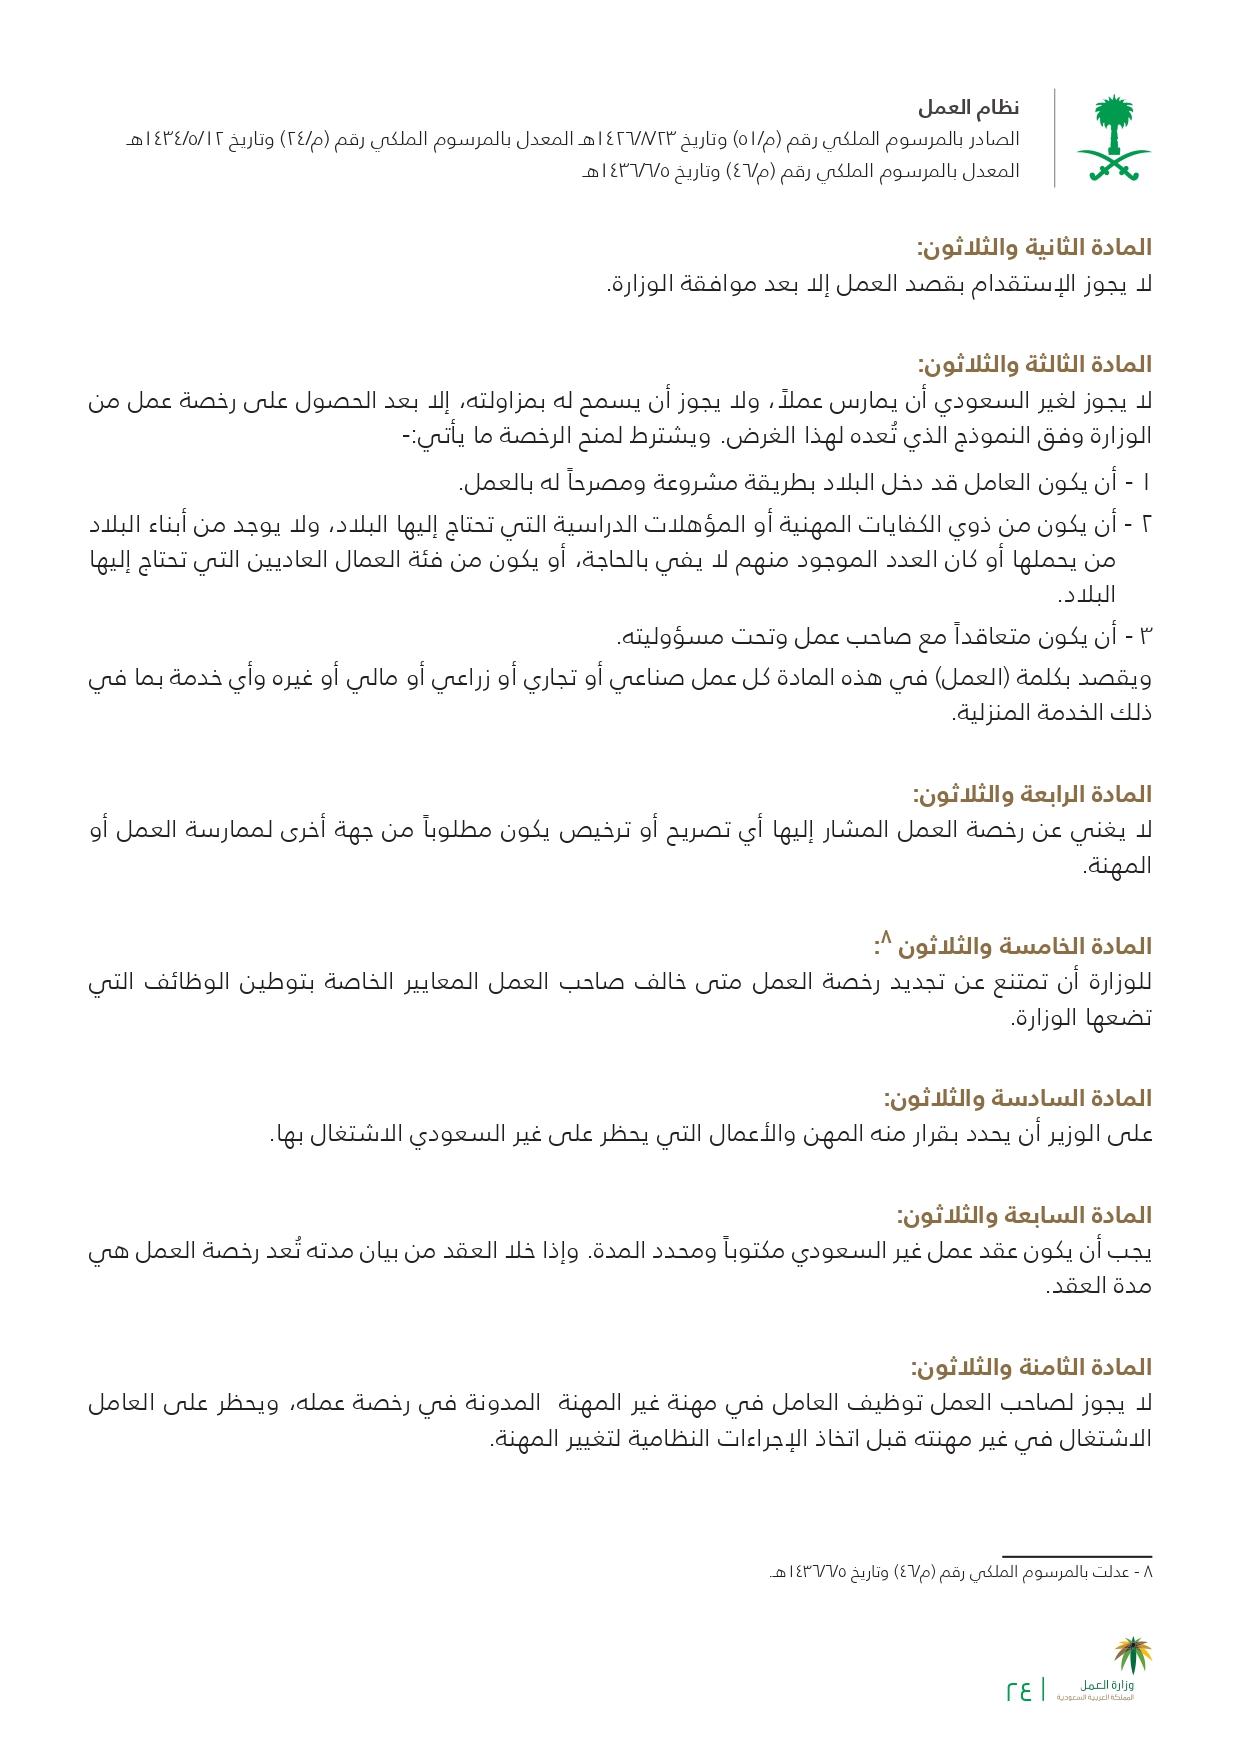 إنتاج اكتب نسبيا عدد ساعات العمل في قانون العمل السعودي 2018 Myfirstdirectorship Com